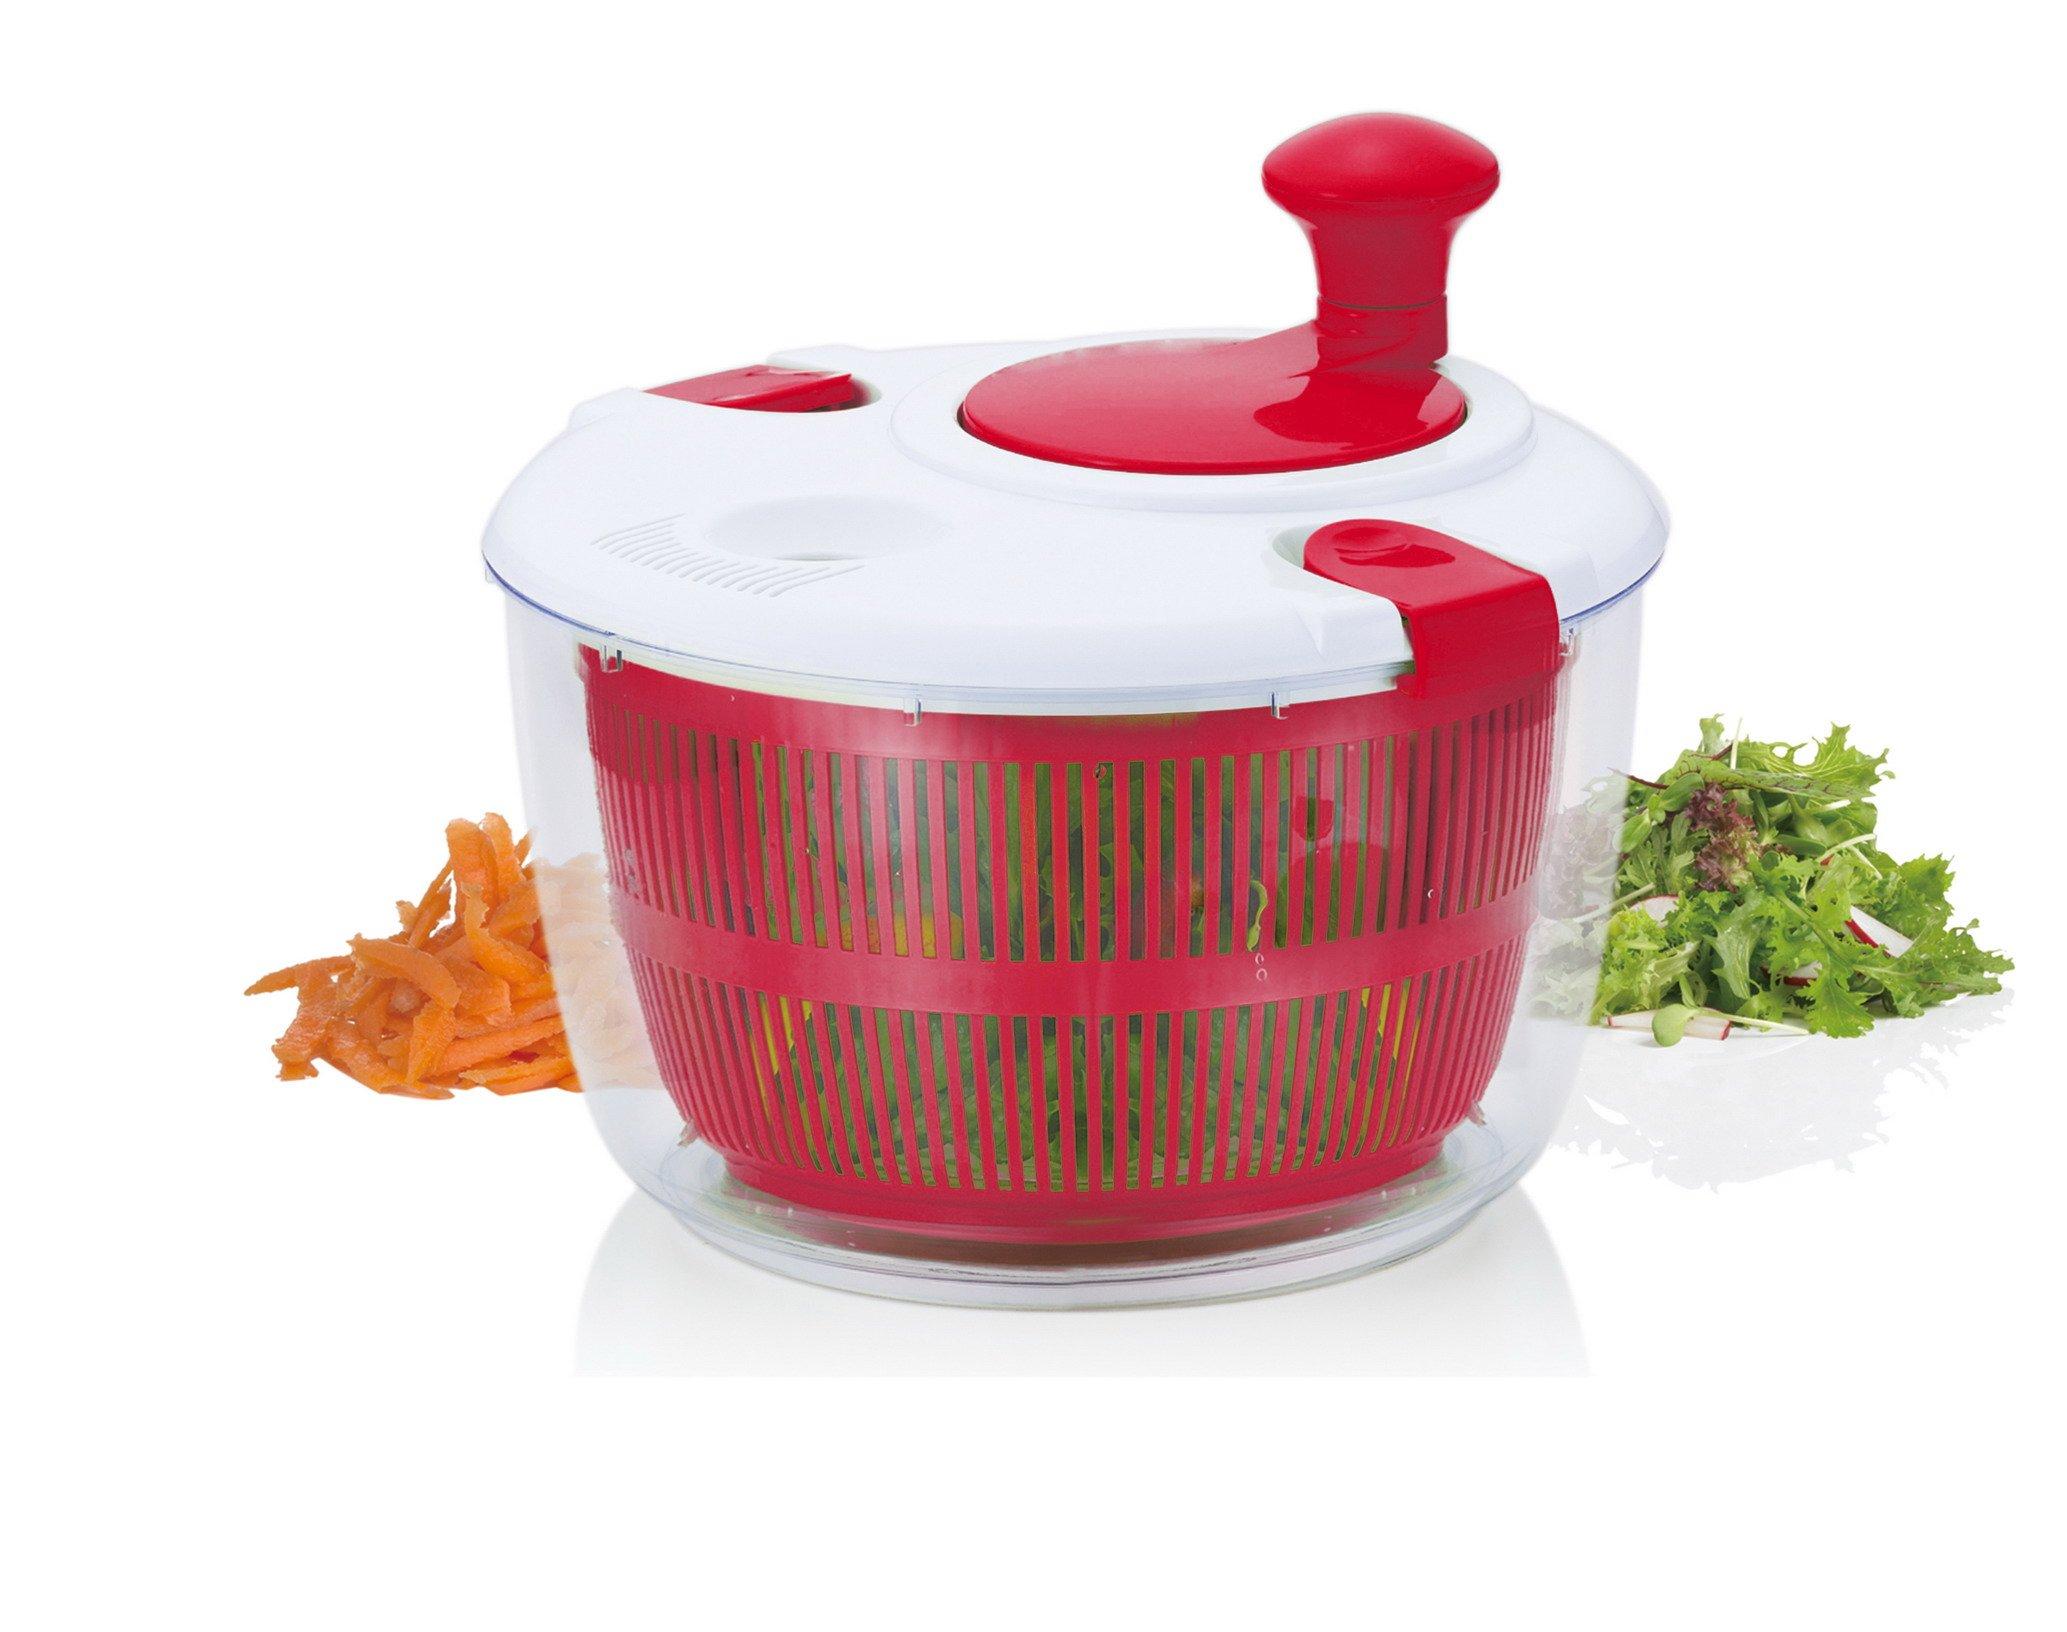 Brilliant - Salad Spinner Vegetable Dryer, Red